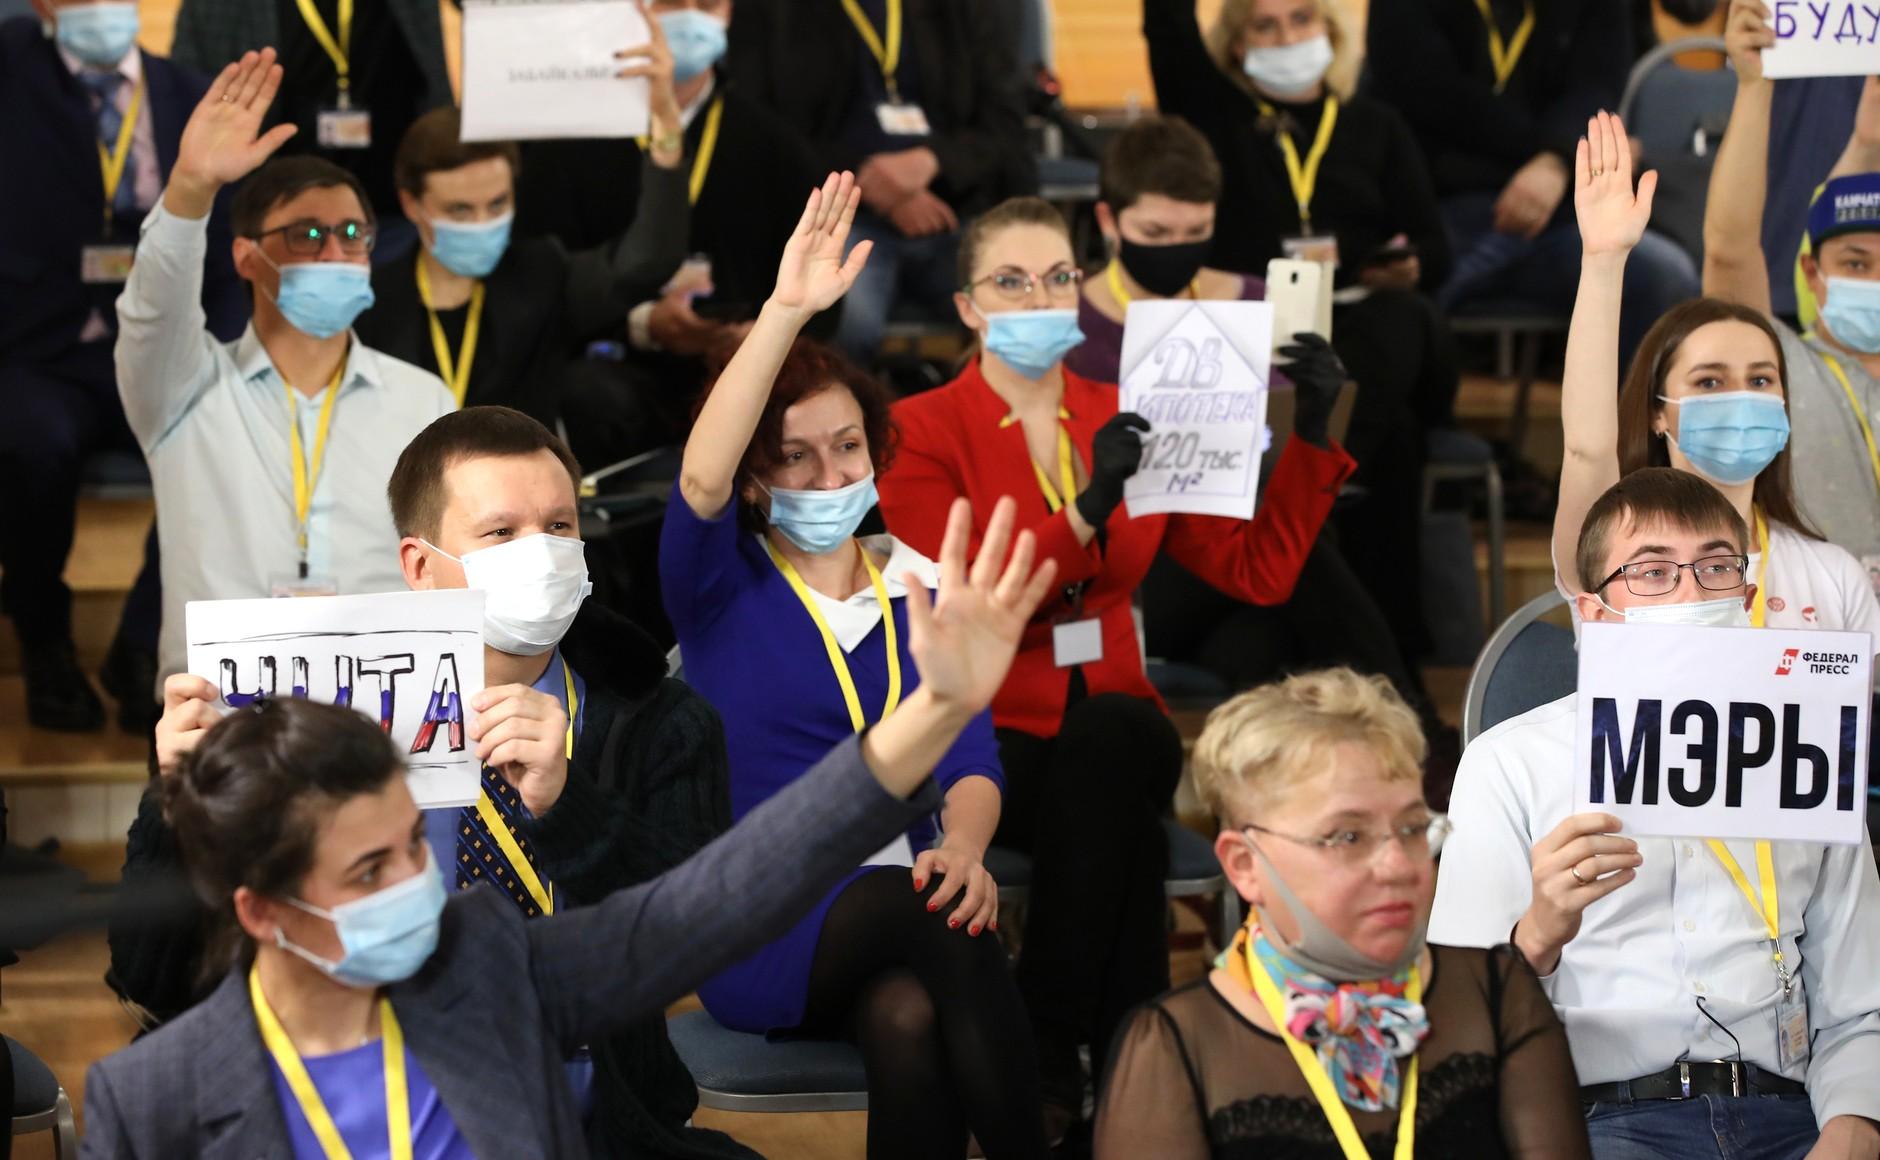 RUSSIE 17.12.2020.CONFERENCE 53 XX 66 Avant le début de la conférence de presse annuelle de Vladimir Poutine.